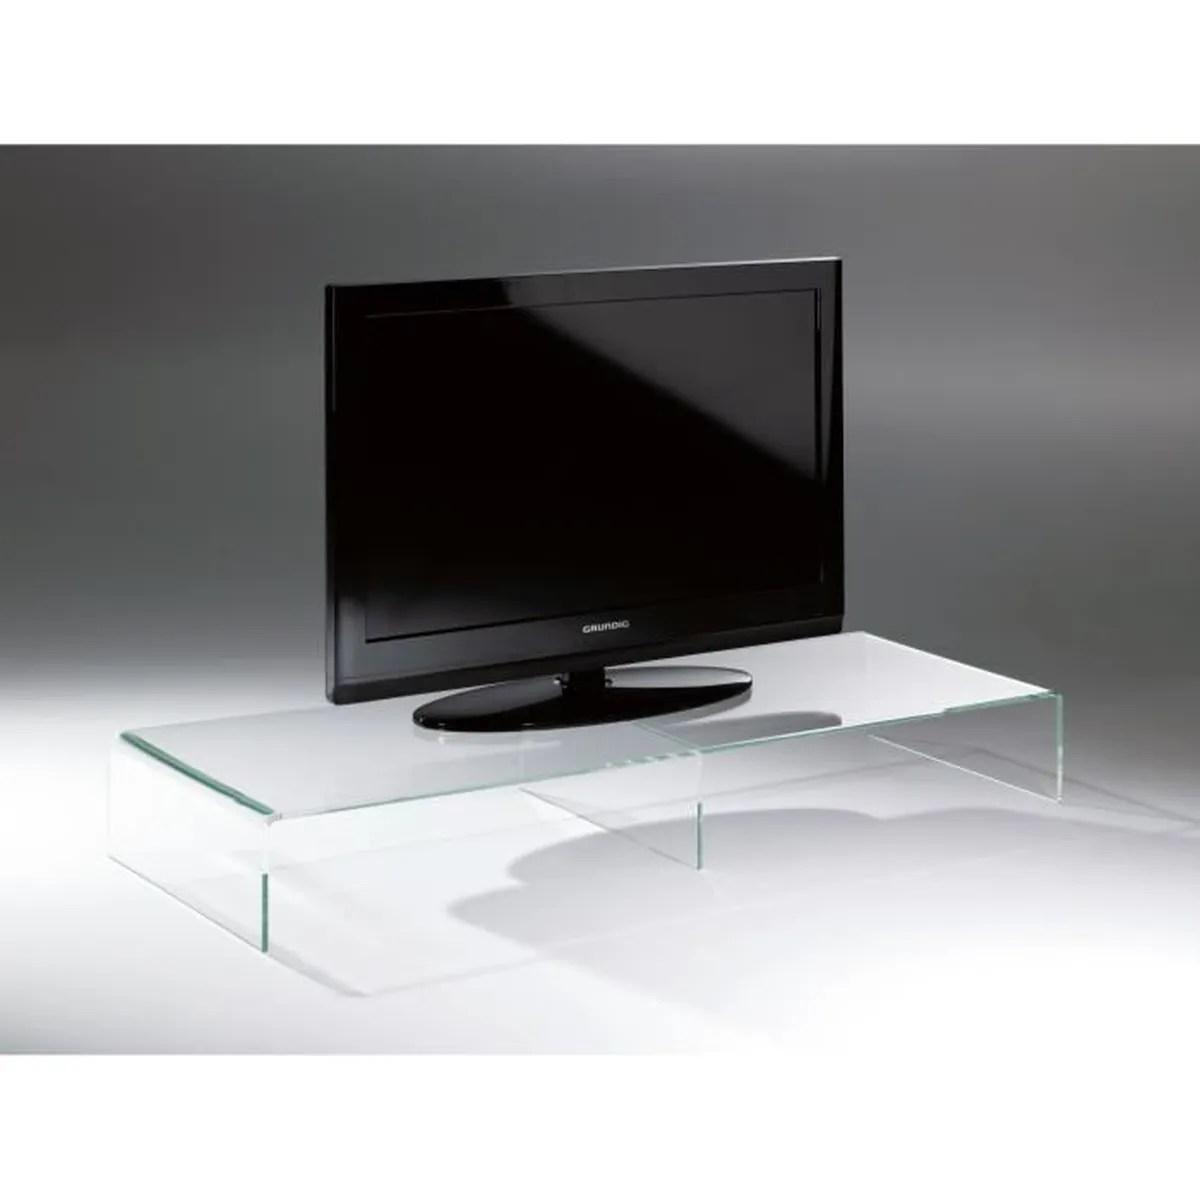 console tv tv rack en acrylique haute qualite transparent 80 x 40 cm h 15 cm l epaisseur de l acrylique 8 mm